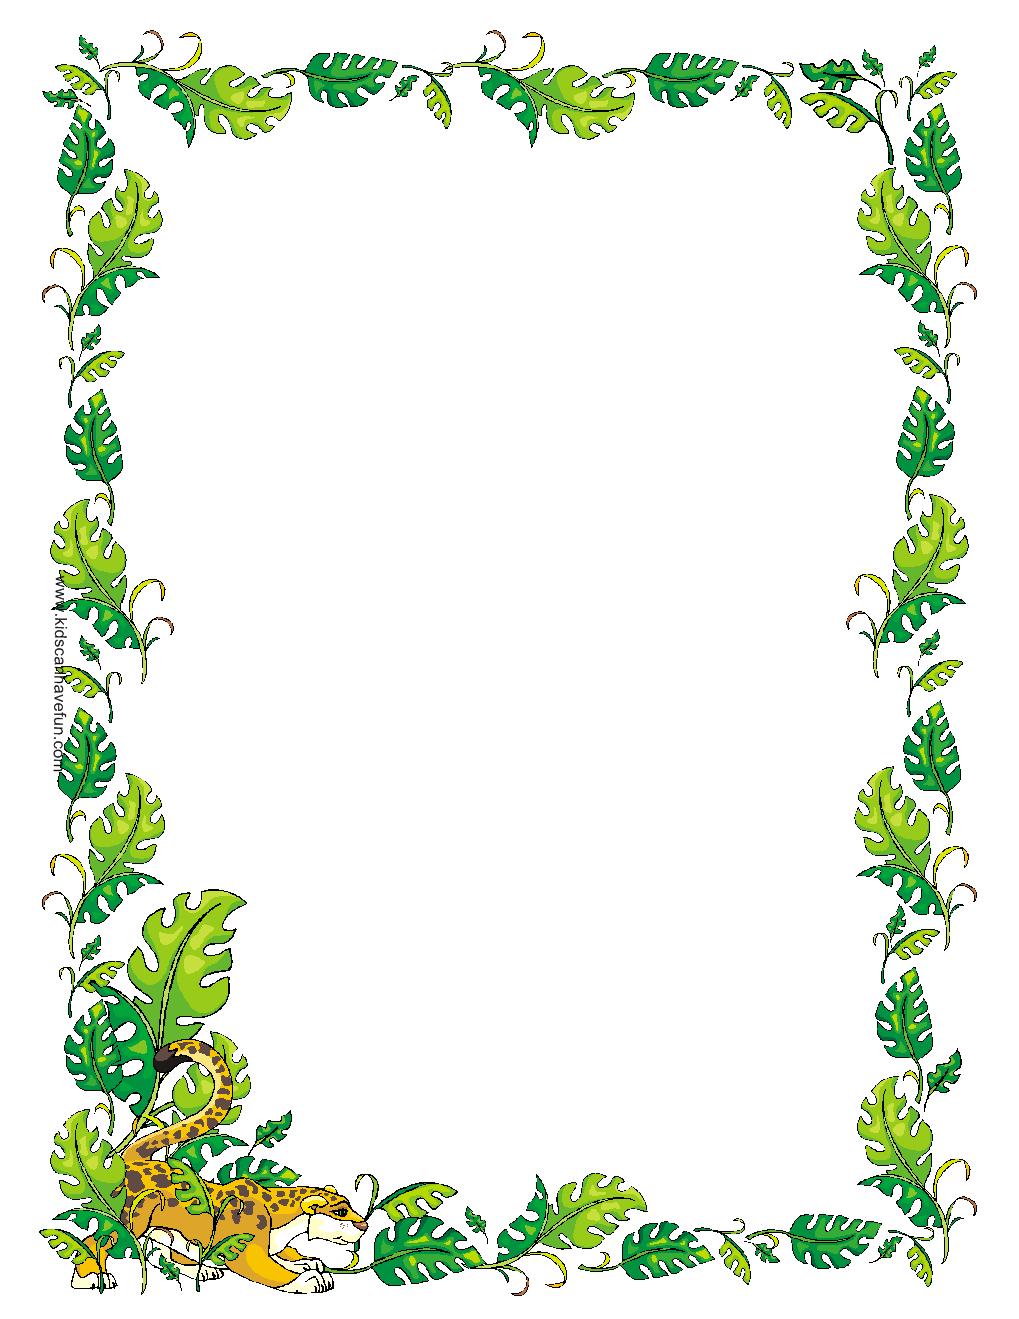 этом растительной для рамки картинки комлект софта